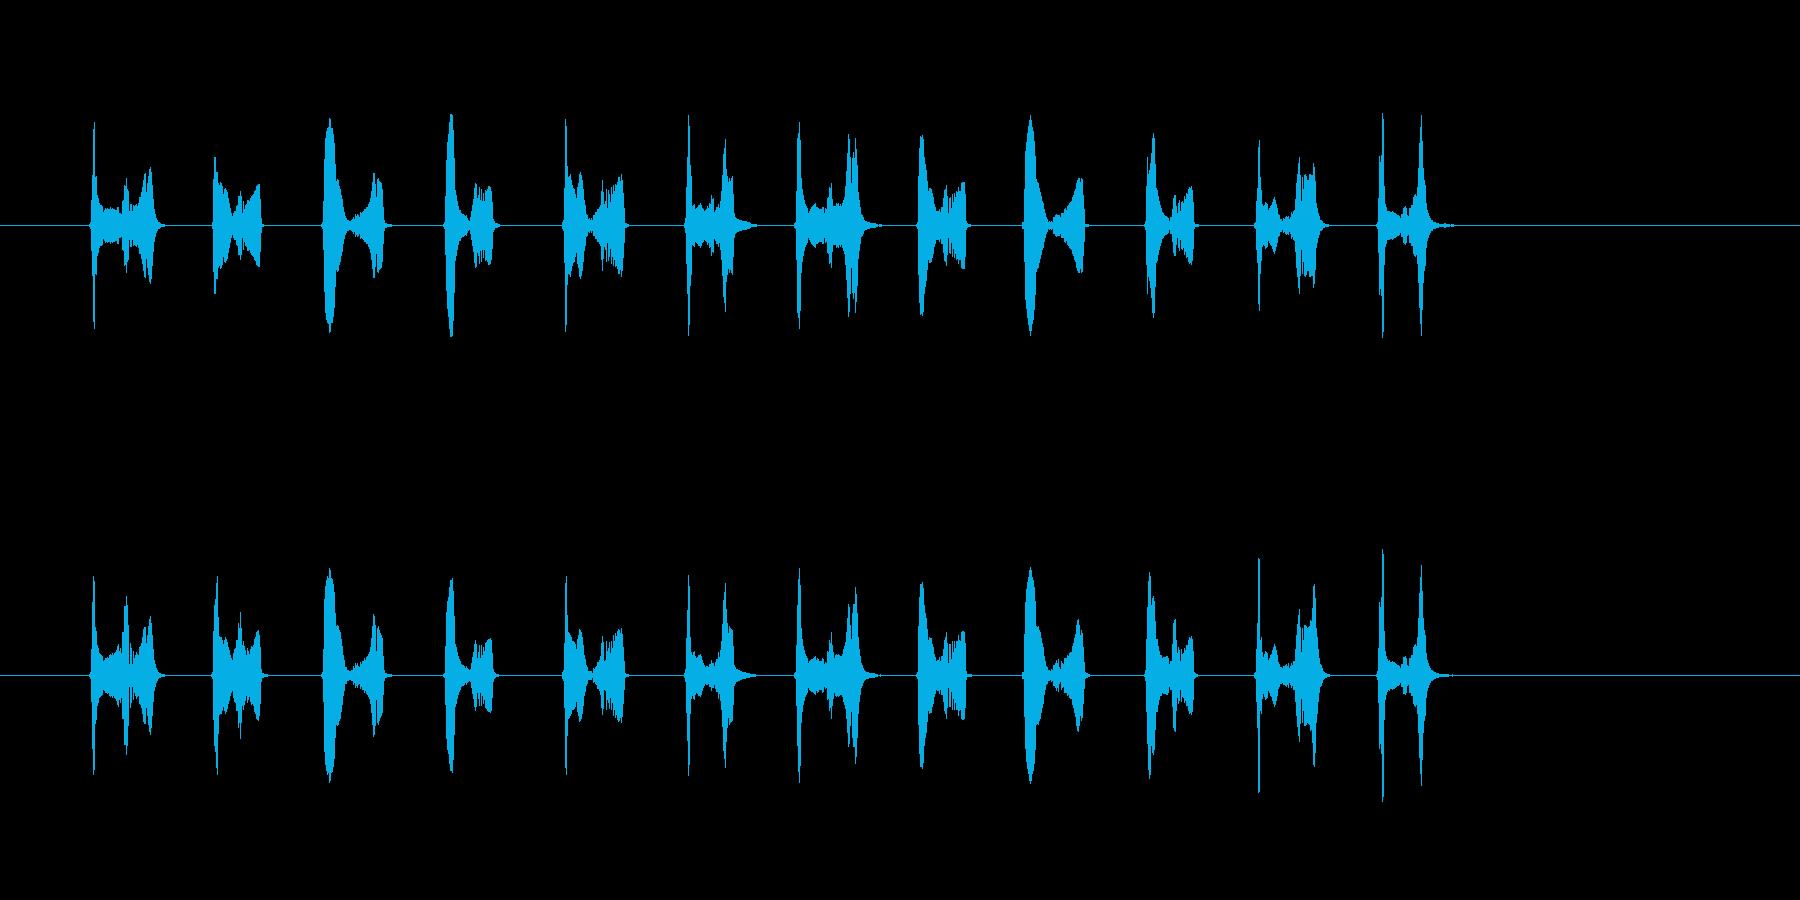 かわいいキャラ移動音(足音)の再生済みの波形